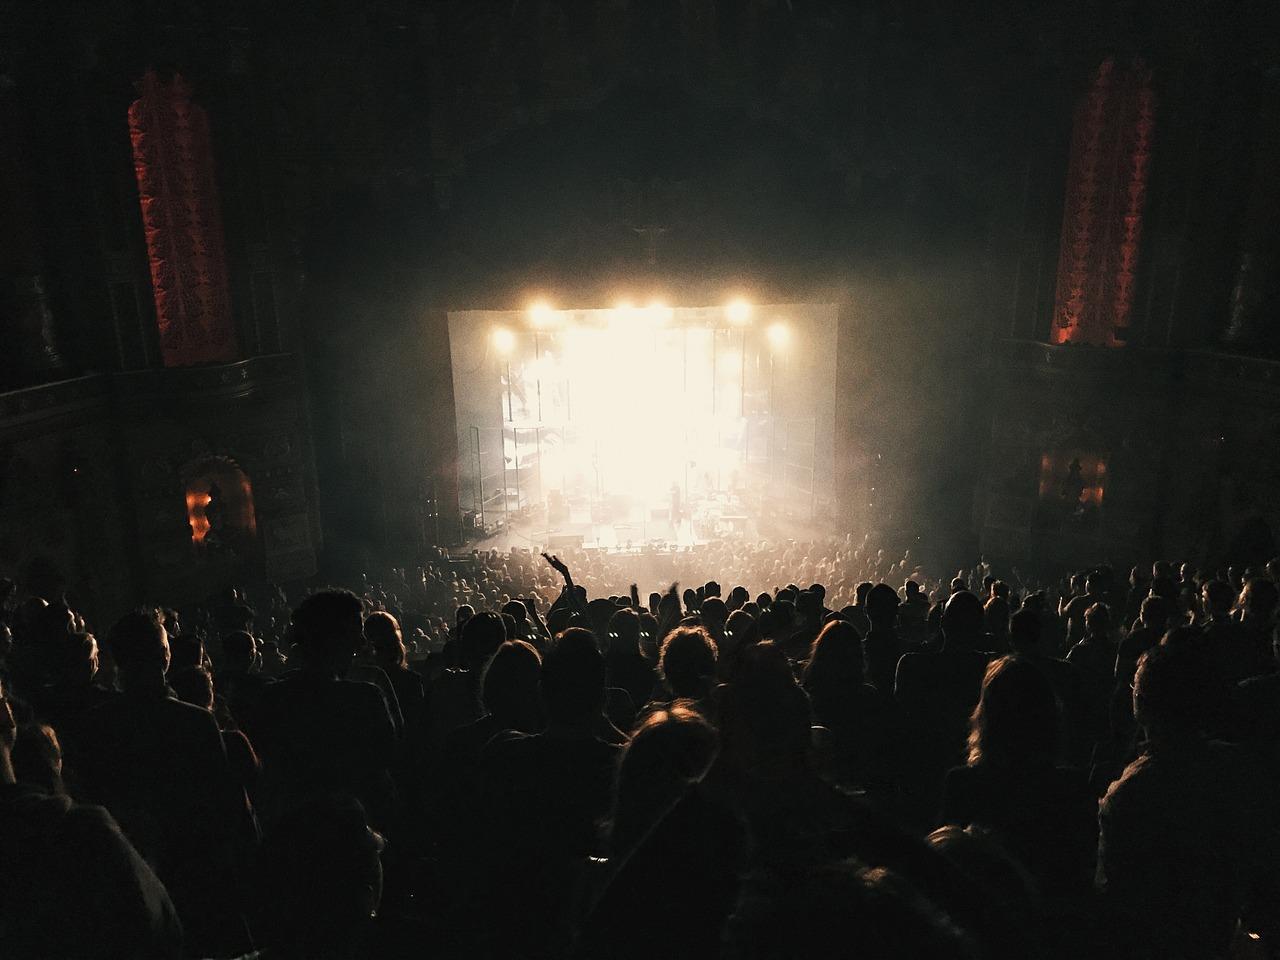 IVA venta entradas anticipadas de conciertos